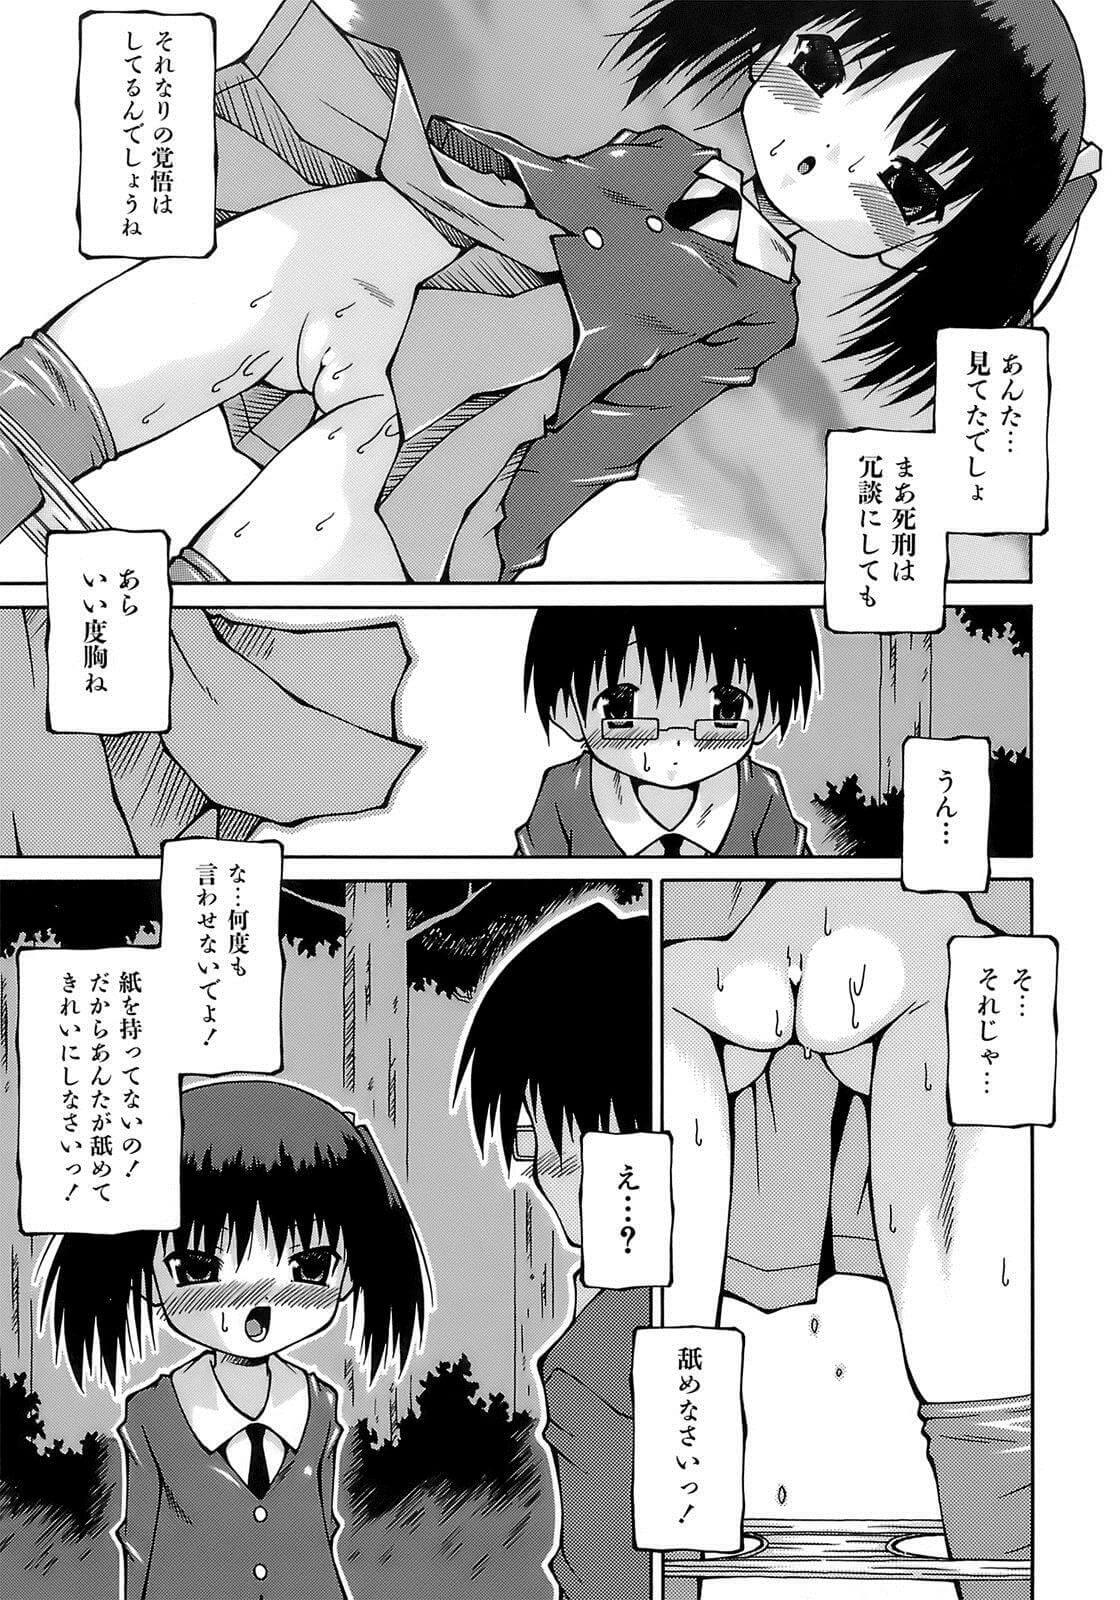 【エロ漫画】JCのツンデレ委員長が帰りにおしっこしたくなってチラ見してたら舐めさせられて…!【無料 エロ同人】 (9)